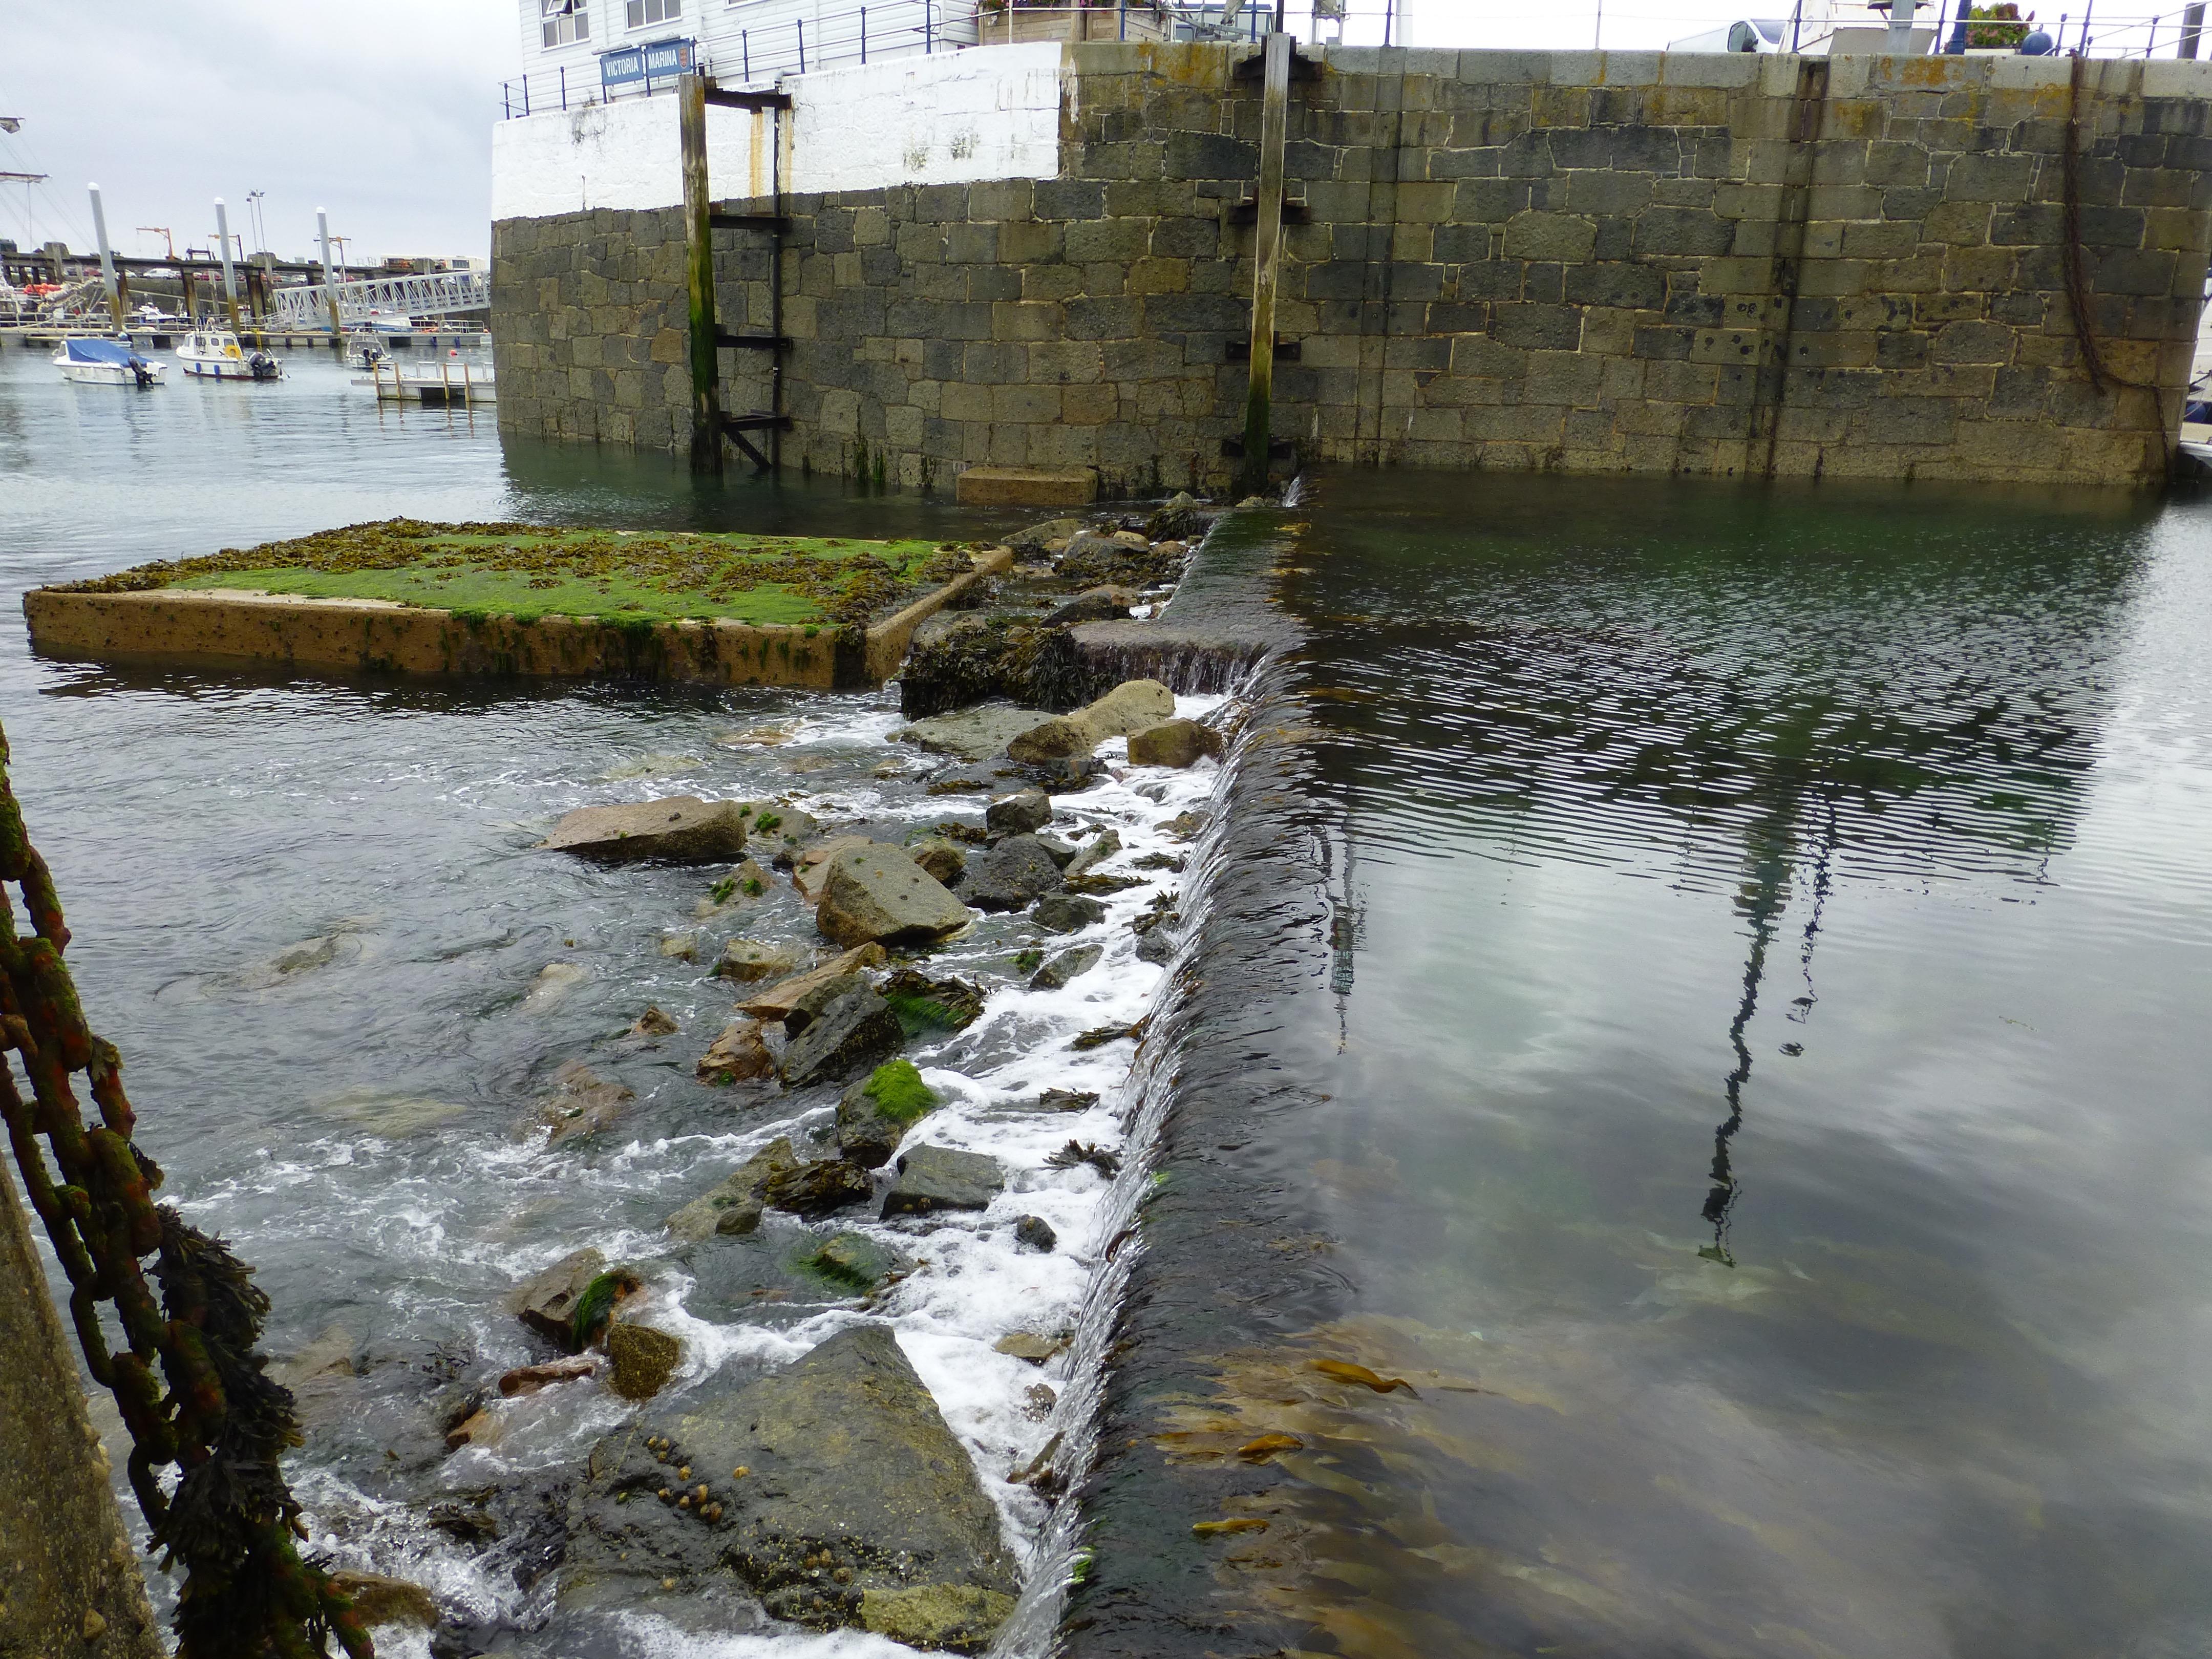 Billede taget inde fra havnen ved næste lavvande.